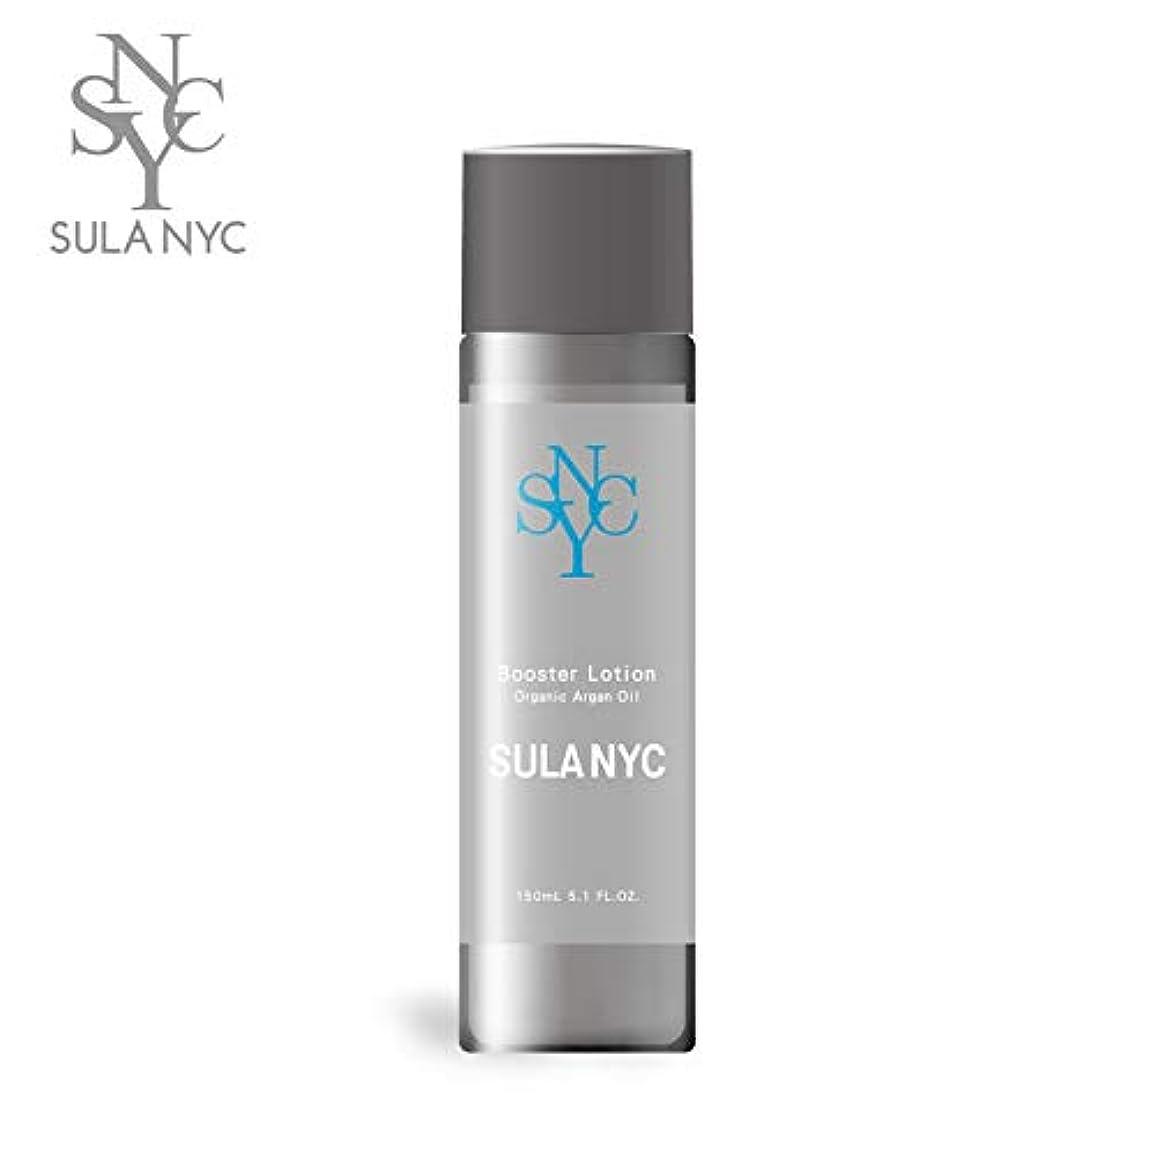 リフト規定材料SULA NYC スーラ エヌワイシー アルガンオイル ブースターローション 化粧水 150ml